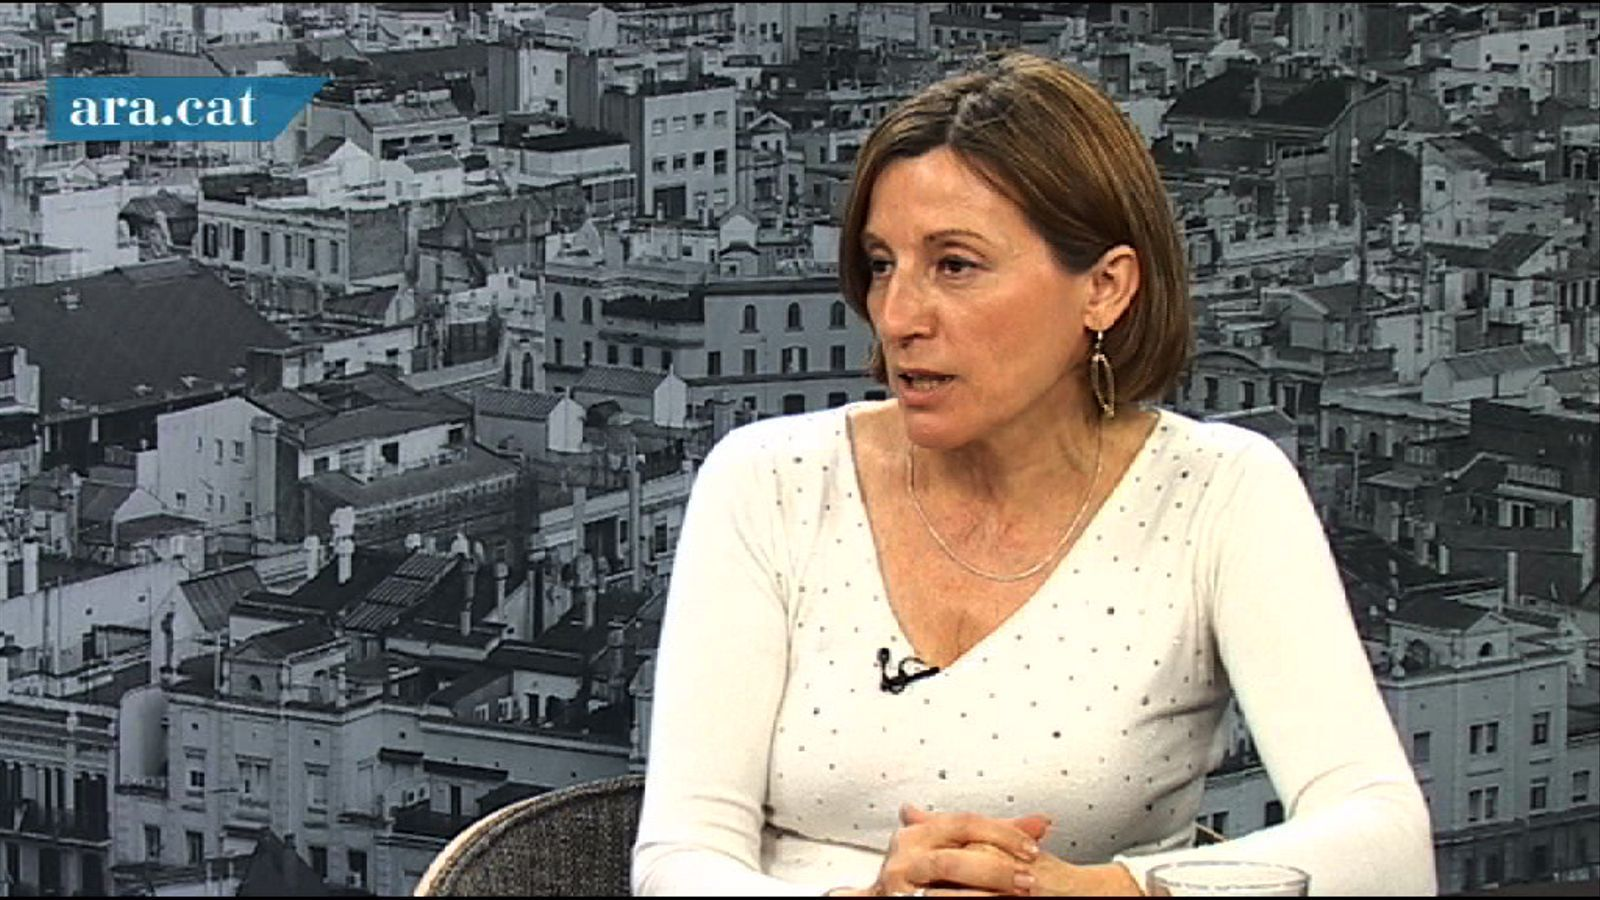 Carme Forcadell: No abandonaré la política i no descarto res, tampoc entrar a cap llista de partit